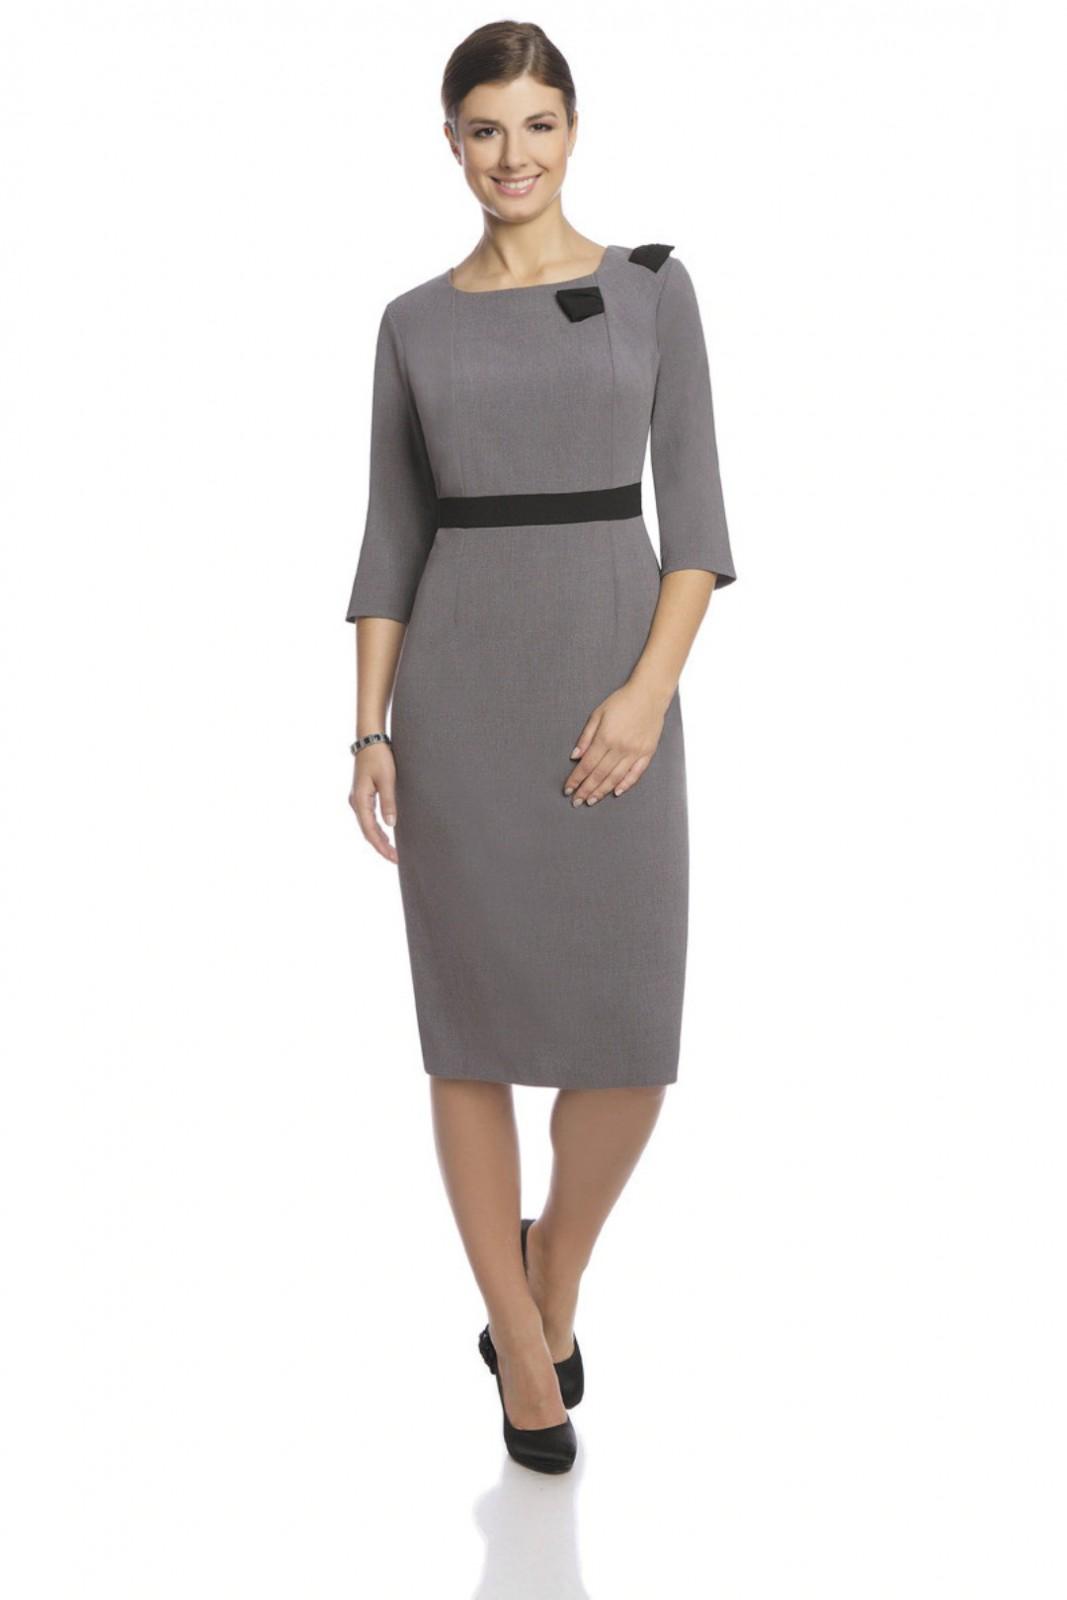 Klassisch Elegantes Businesskleid Für Geschäftsfrauen In